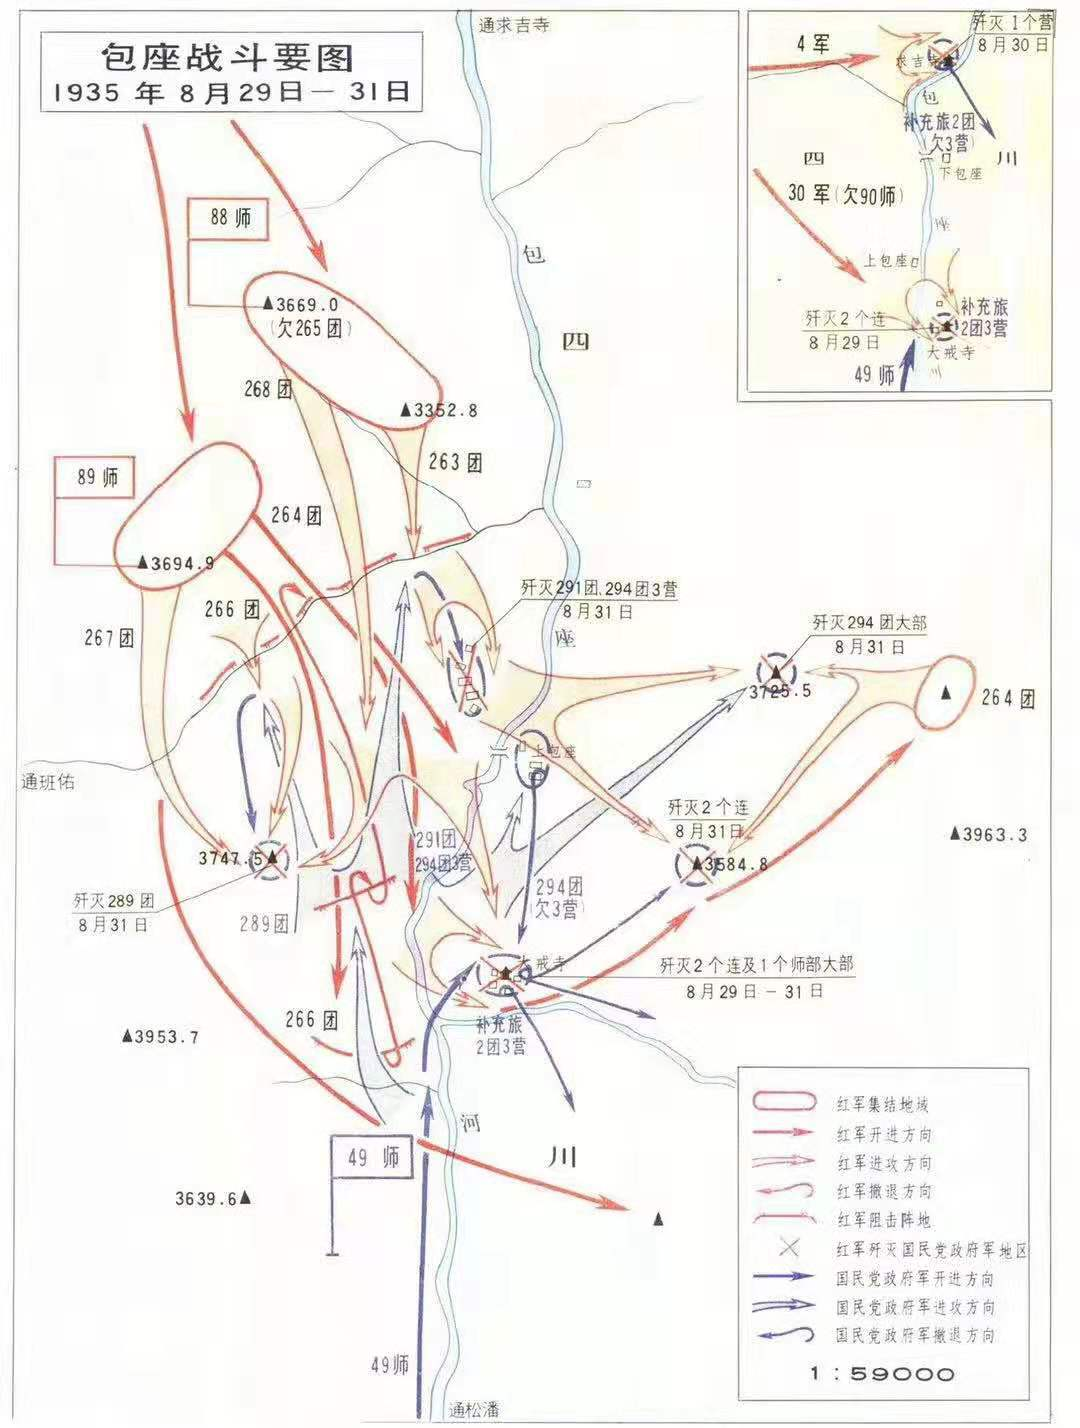 今日渤海网,[长征日志]19350829,星期四,乙亥年八月初一